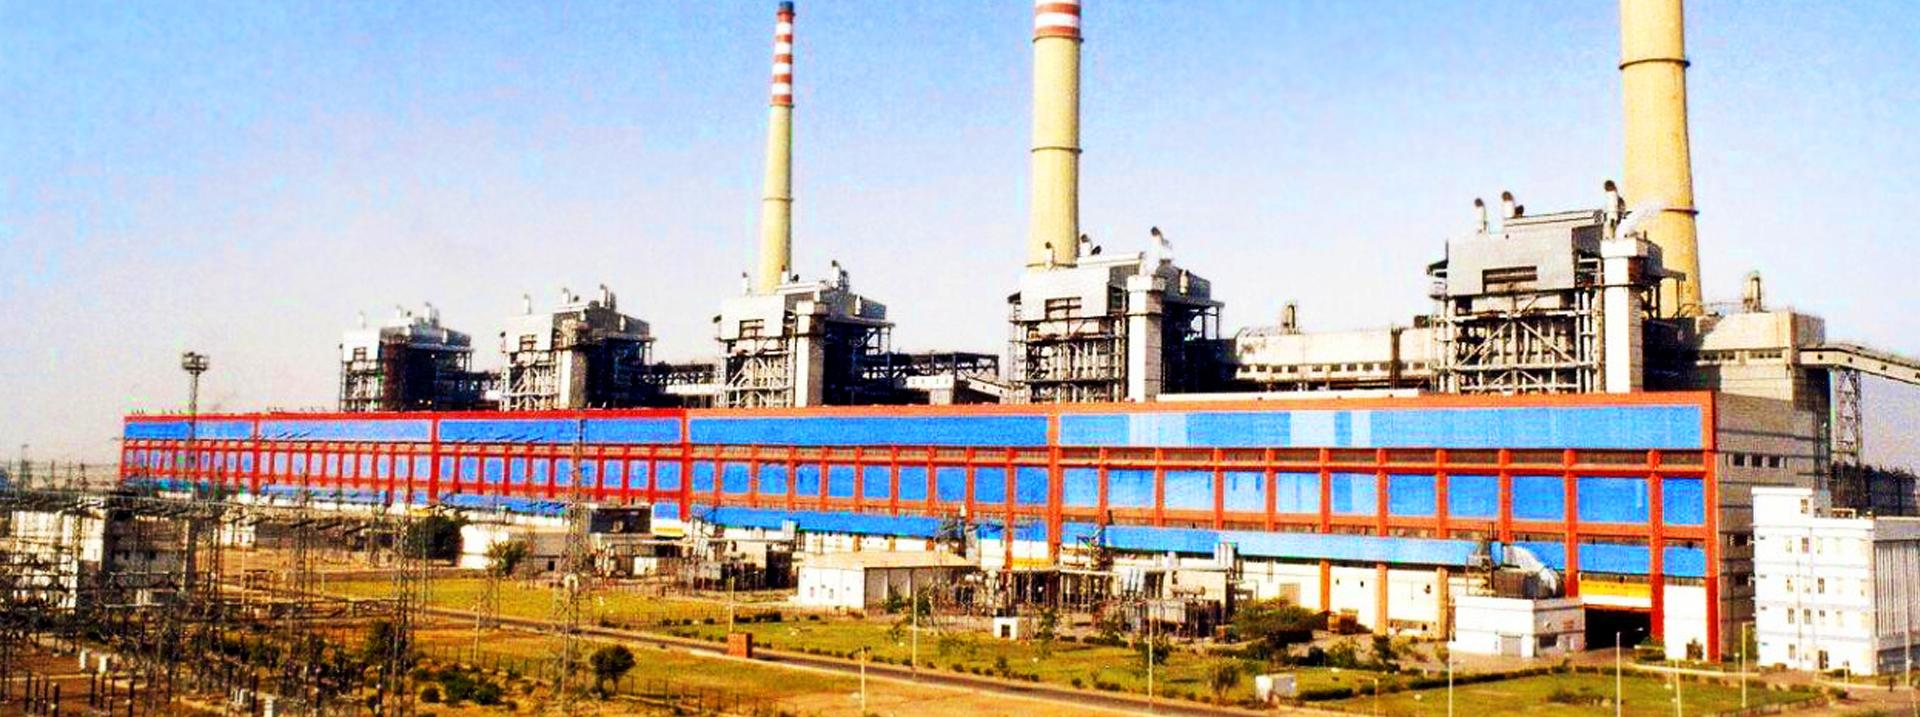 Amethi industry